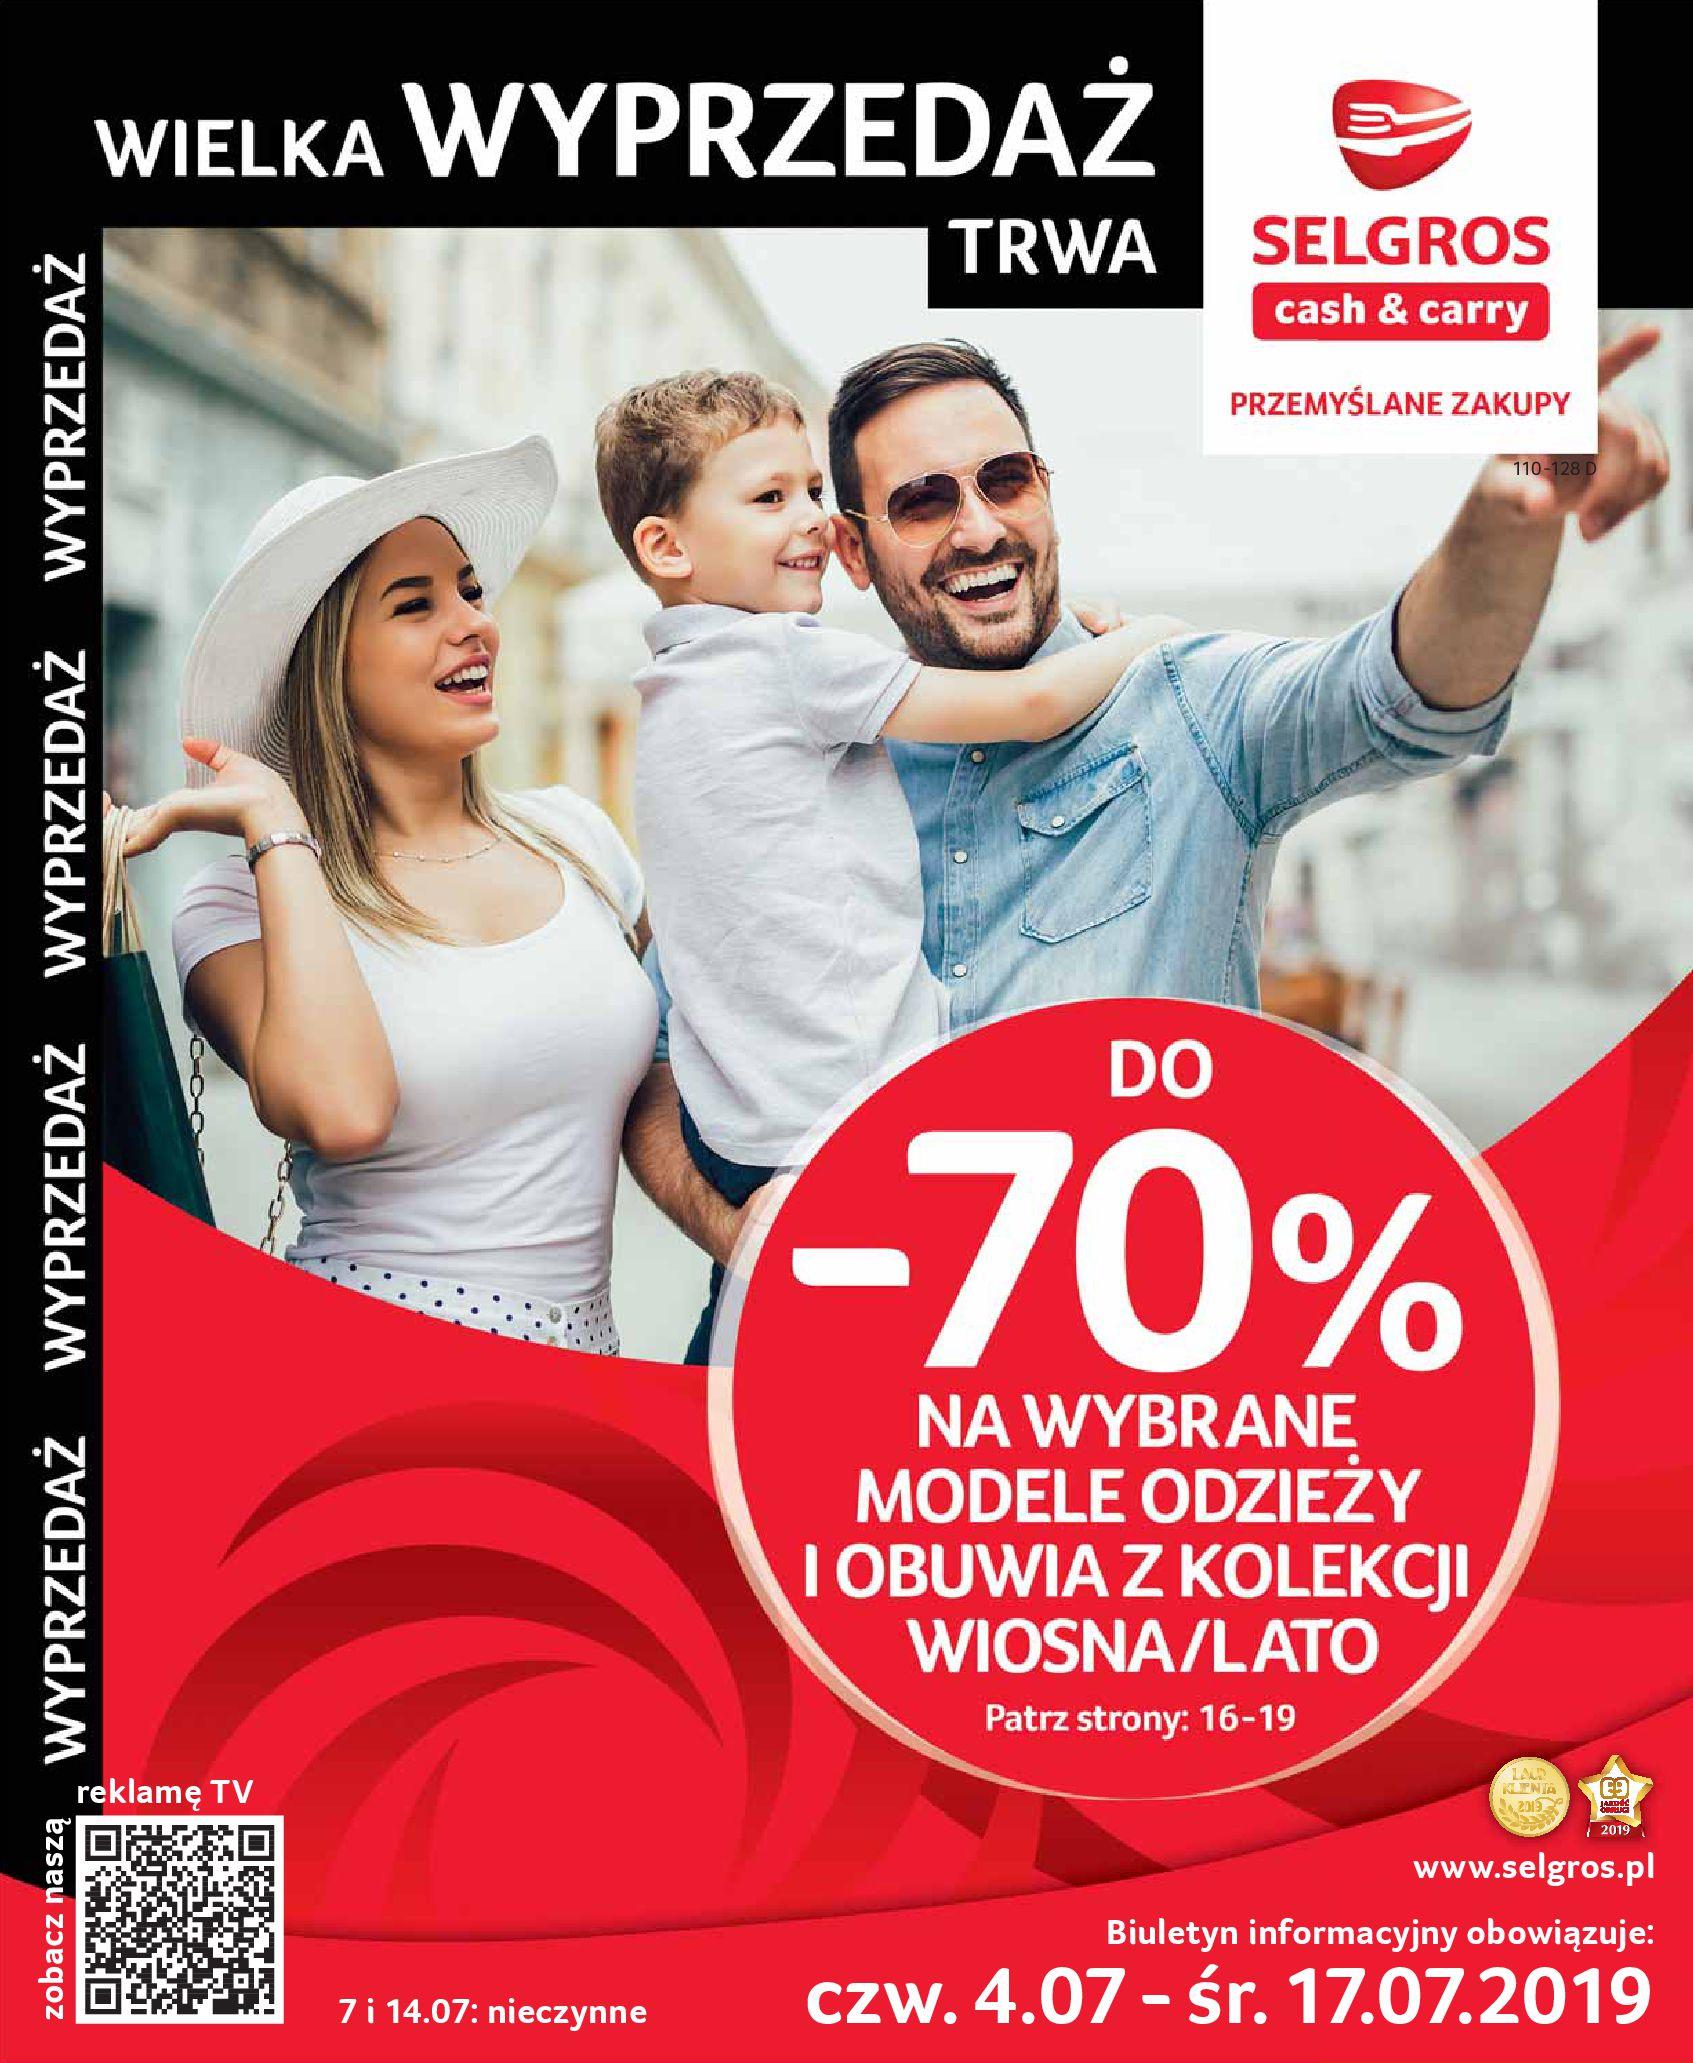 Gazetka Selgros - Oferta przemysłowa-03.07.2019-17.07.2019-page-